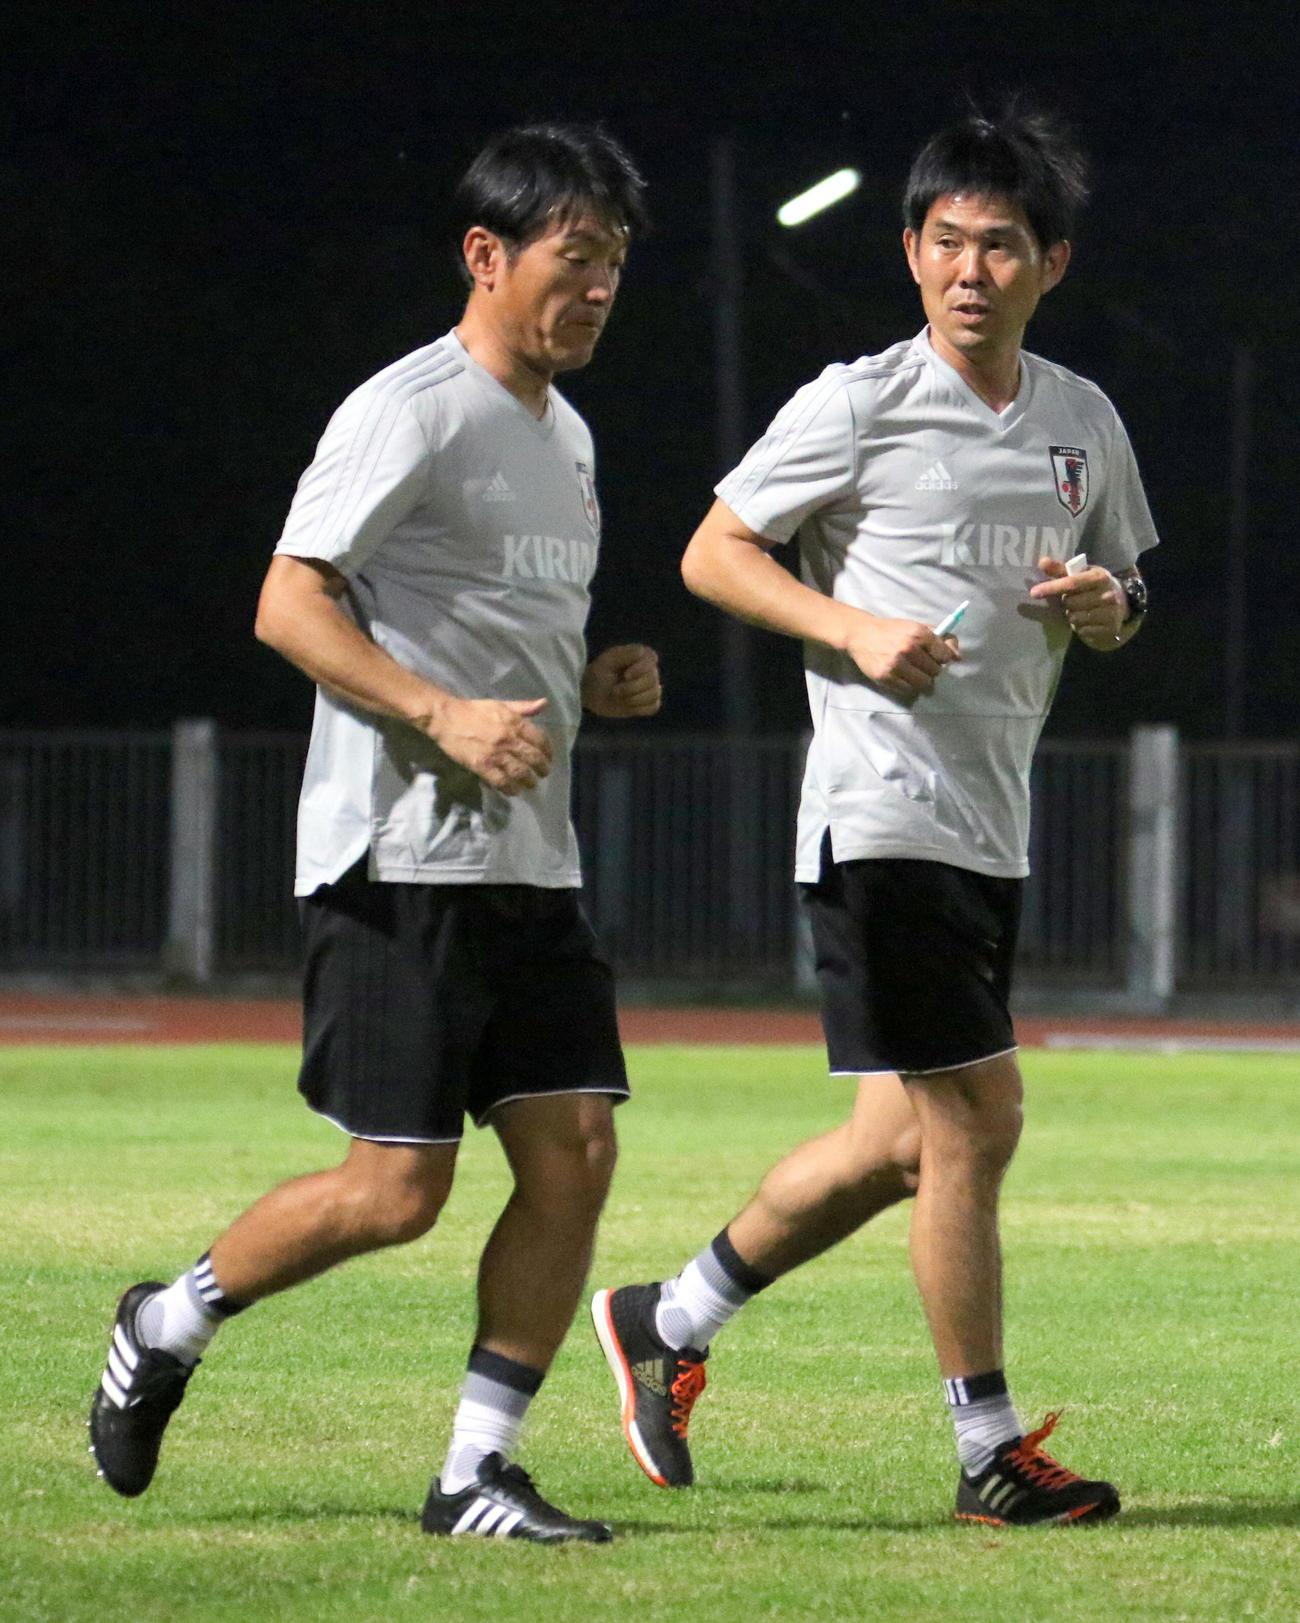 17年12月、タイ・ブリラム初練習でU-20日本代表の横内コーチ(左)は森保監督と打ち合わせしながら走る